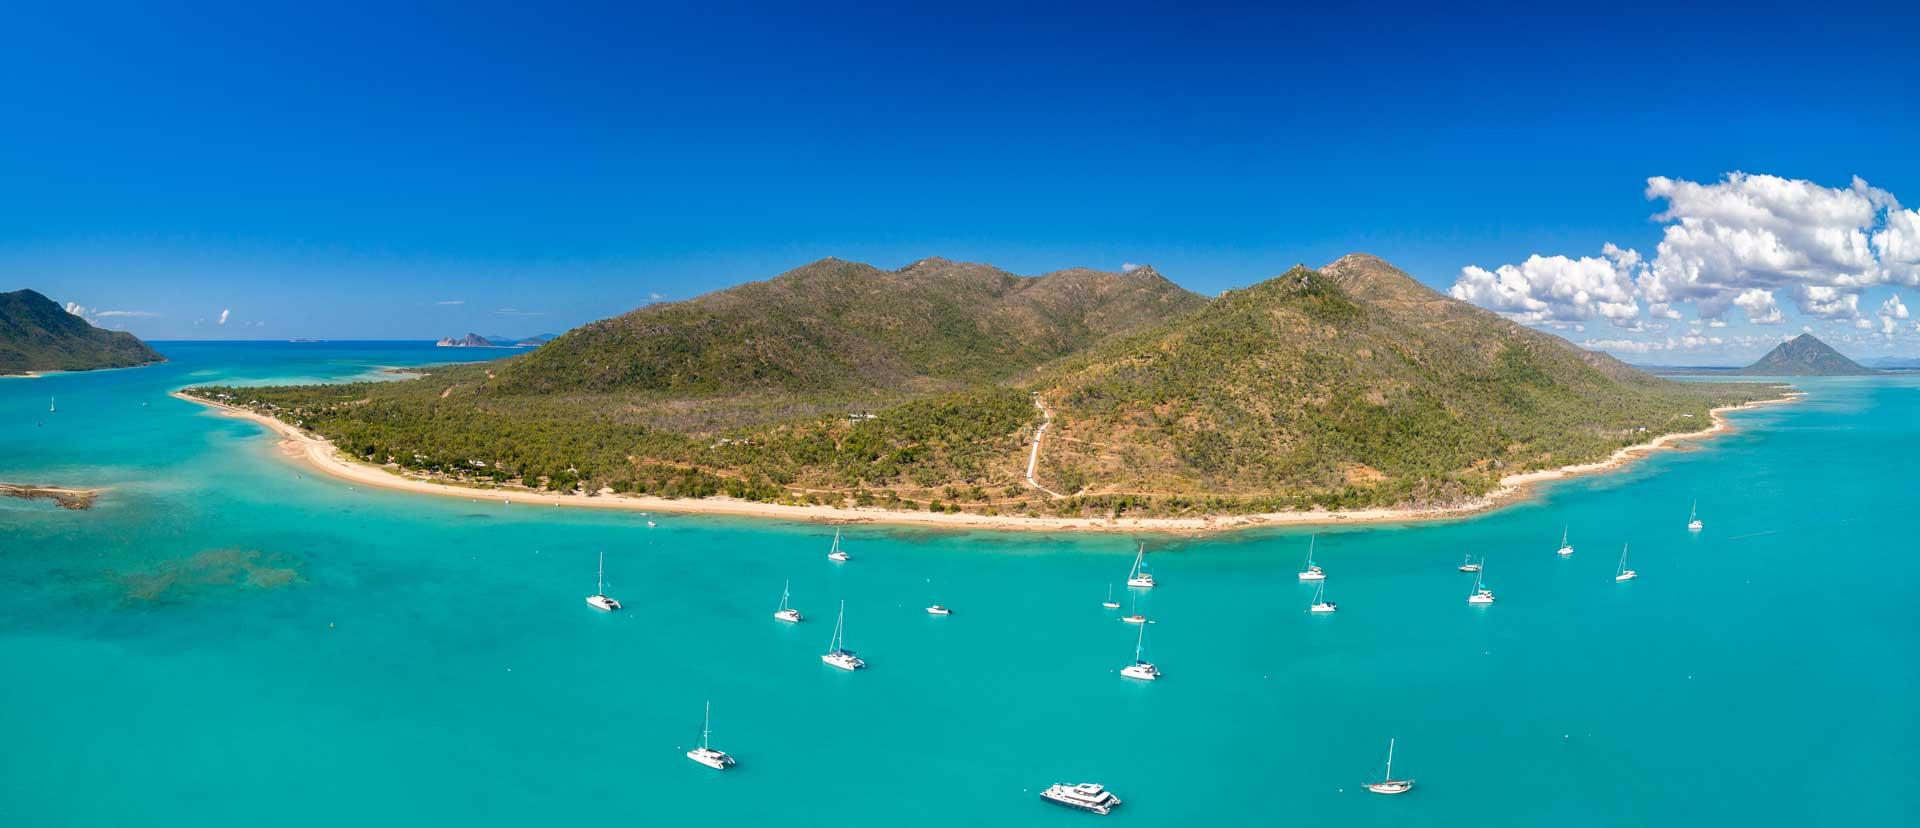 Why charter a Lagoon Catamaran